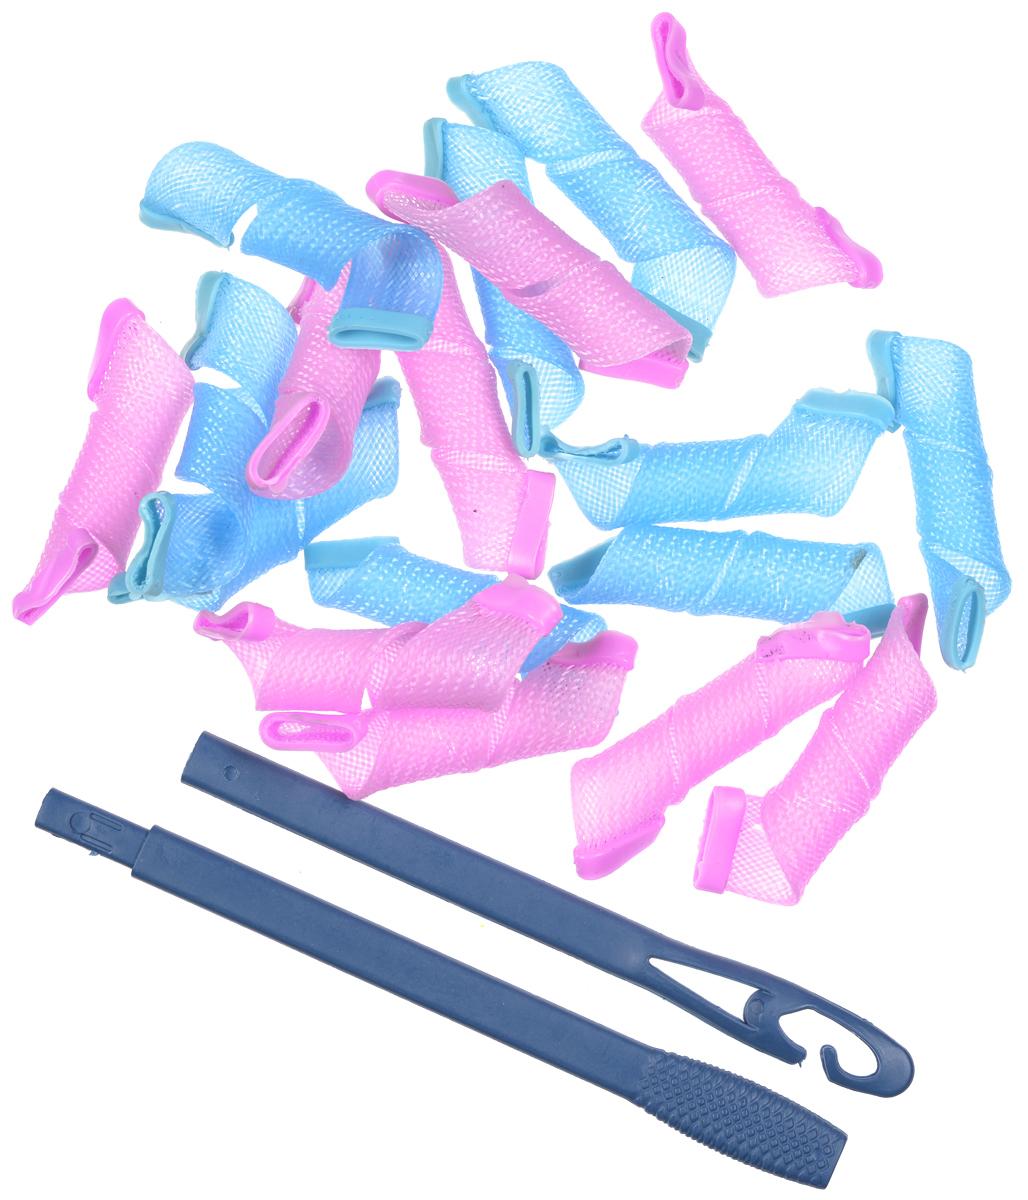 Magic Leverag Бигуди маленькие, цвет: в ассортименте, 18 х 15 см magic leverage крючок тройной для бигуди 56 см